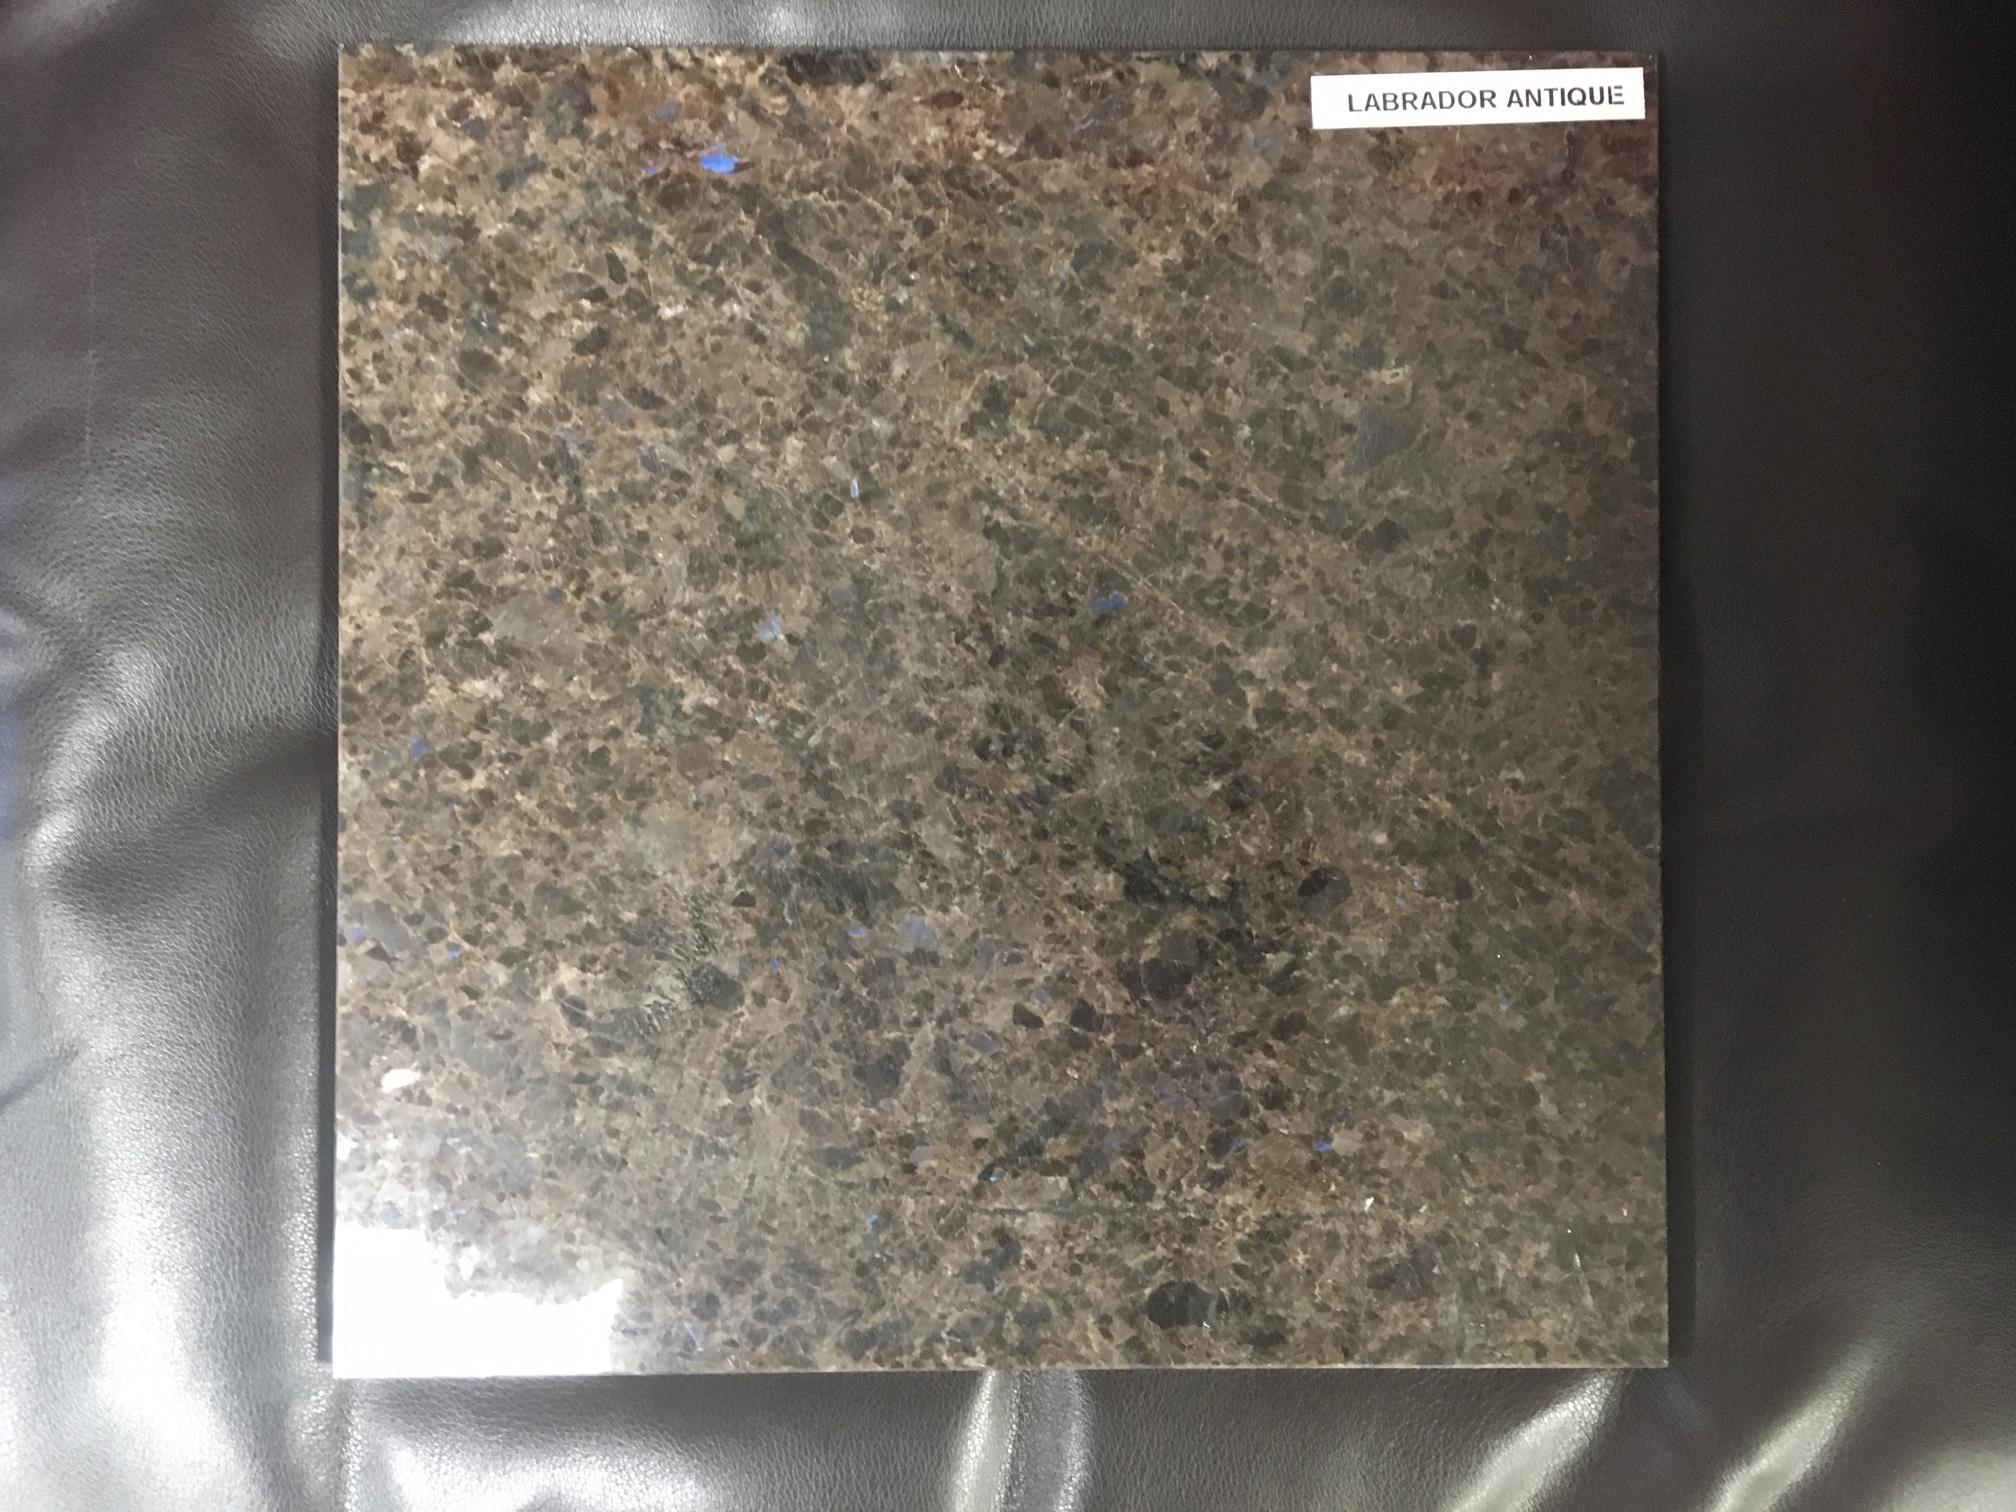 Labrador Antique Tile